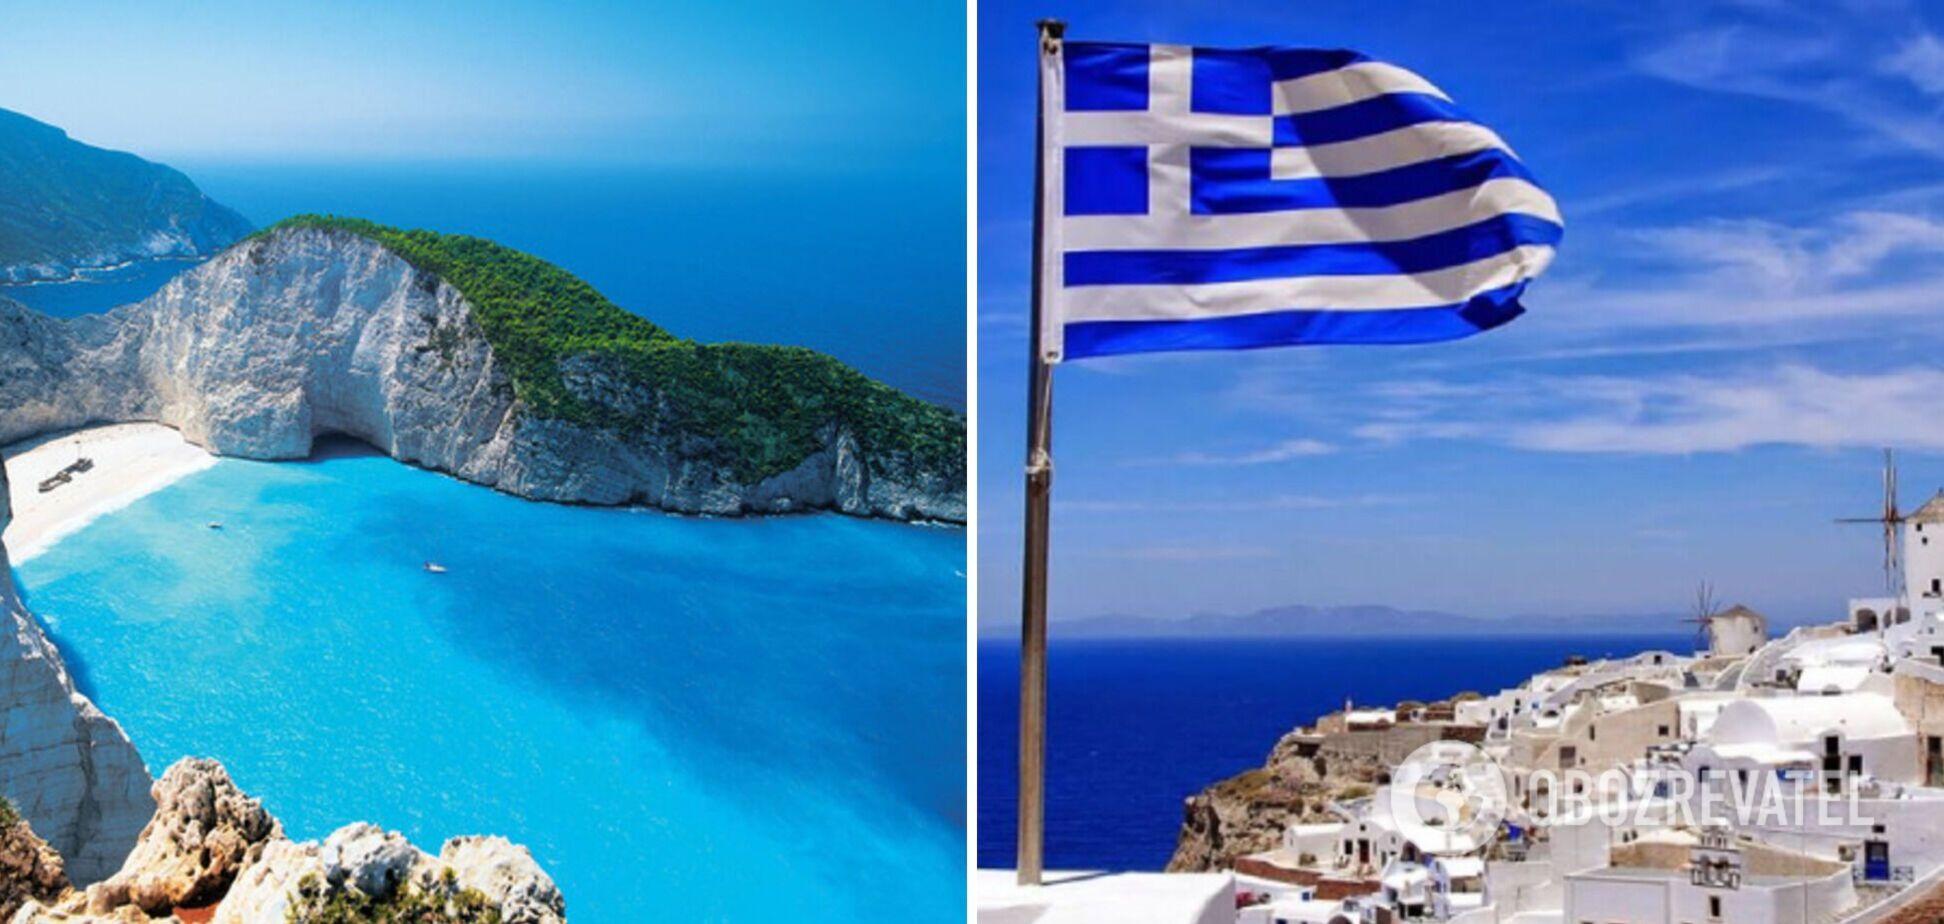 Від €100: спеціалісти назвали ціну осіннього відпочинку в Греції